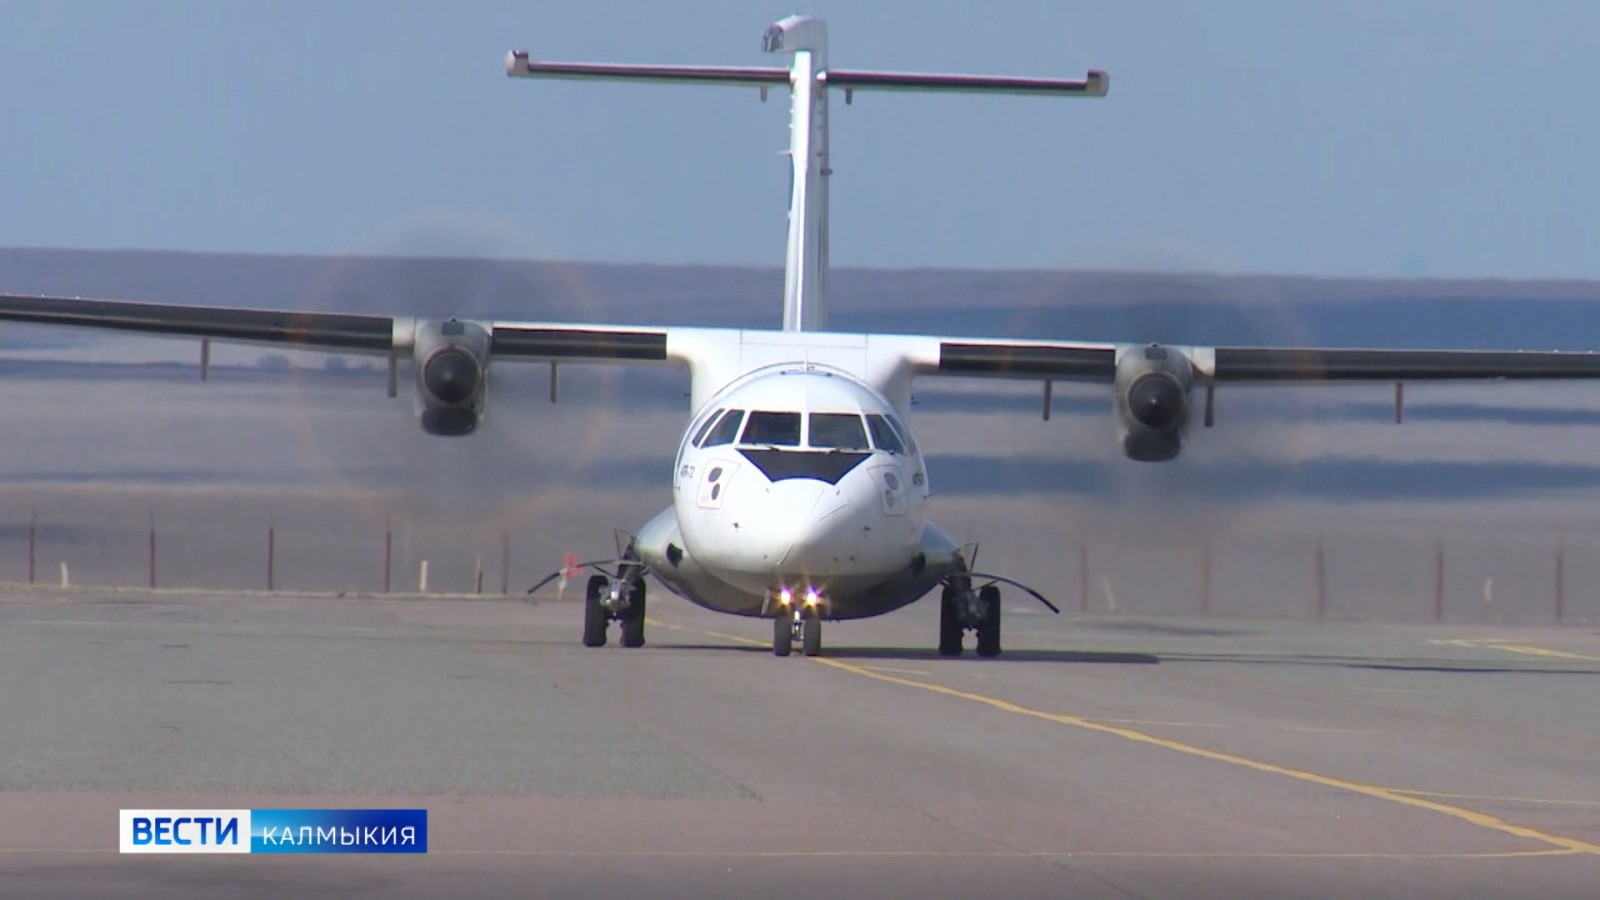 Как будут развиваться авиаперевозки в регионе?